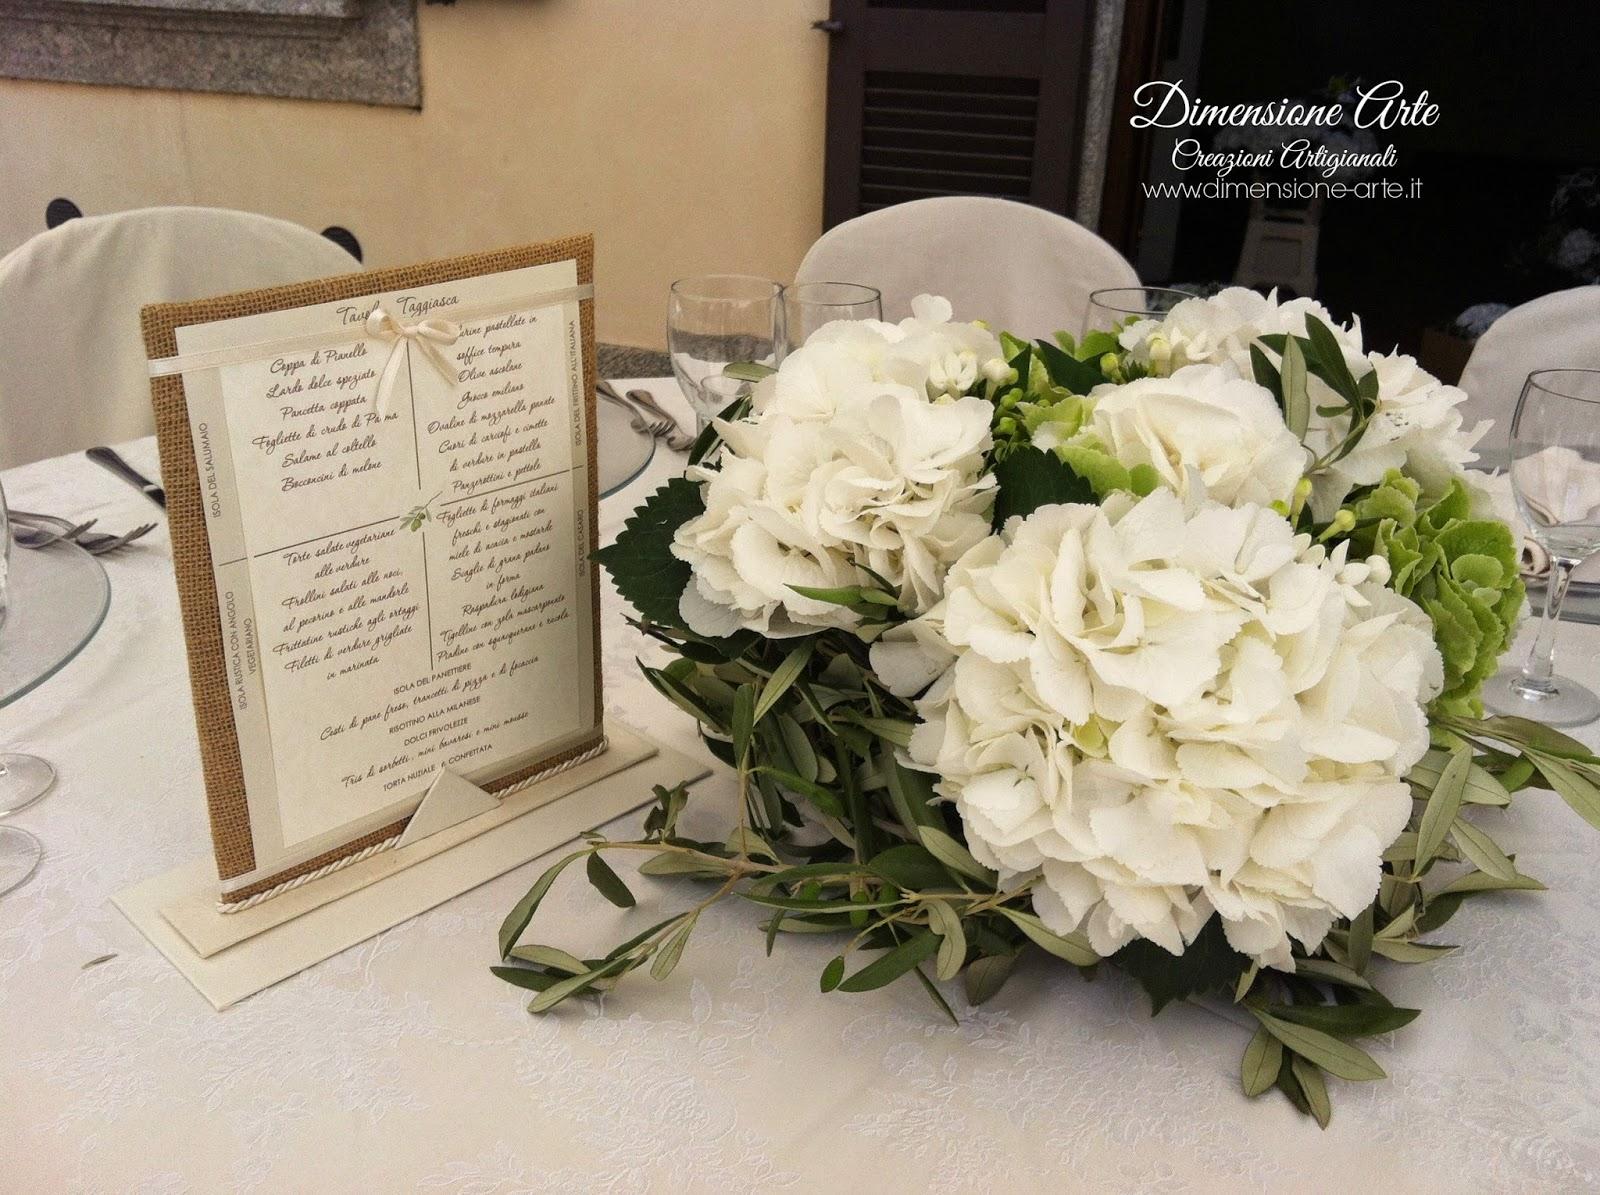 Matrimonio Rustico Genova : Dimensione arte creazioni artigianali matrimonio